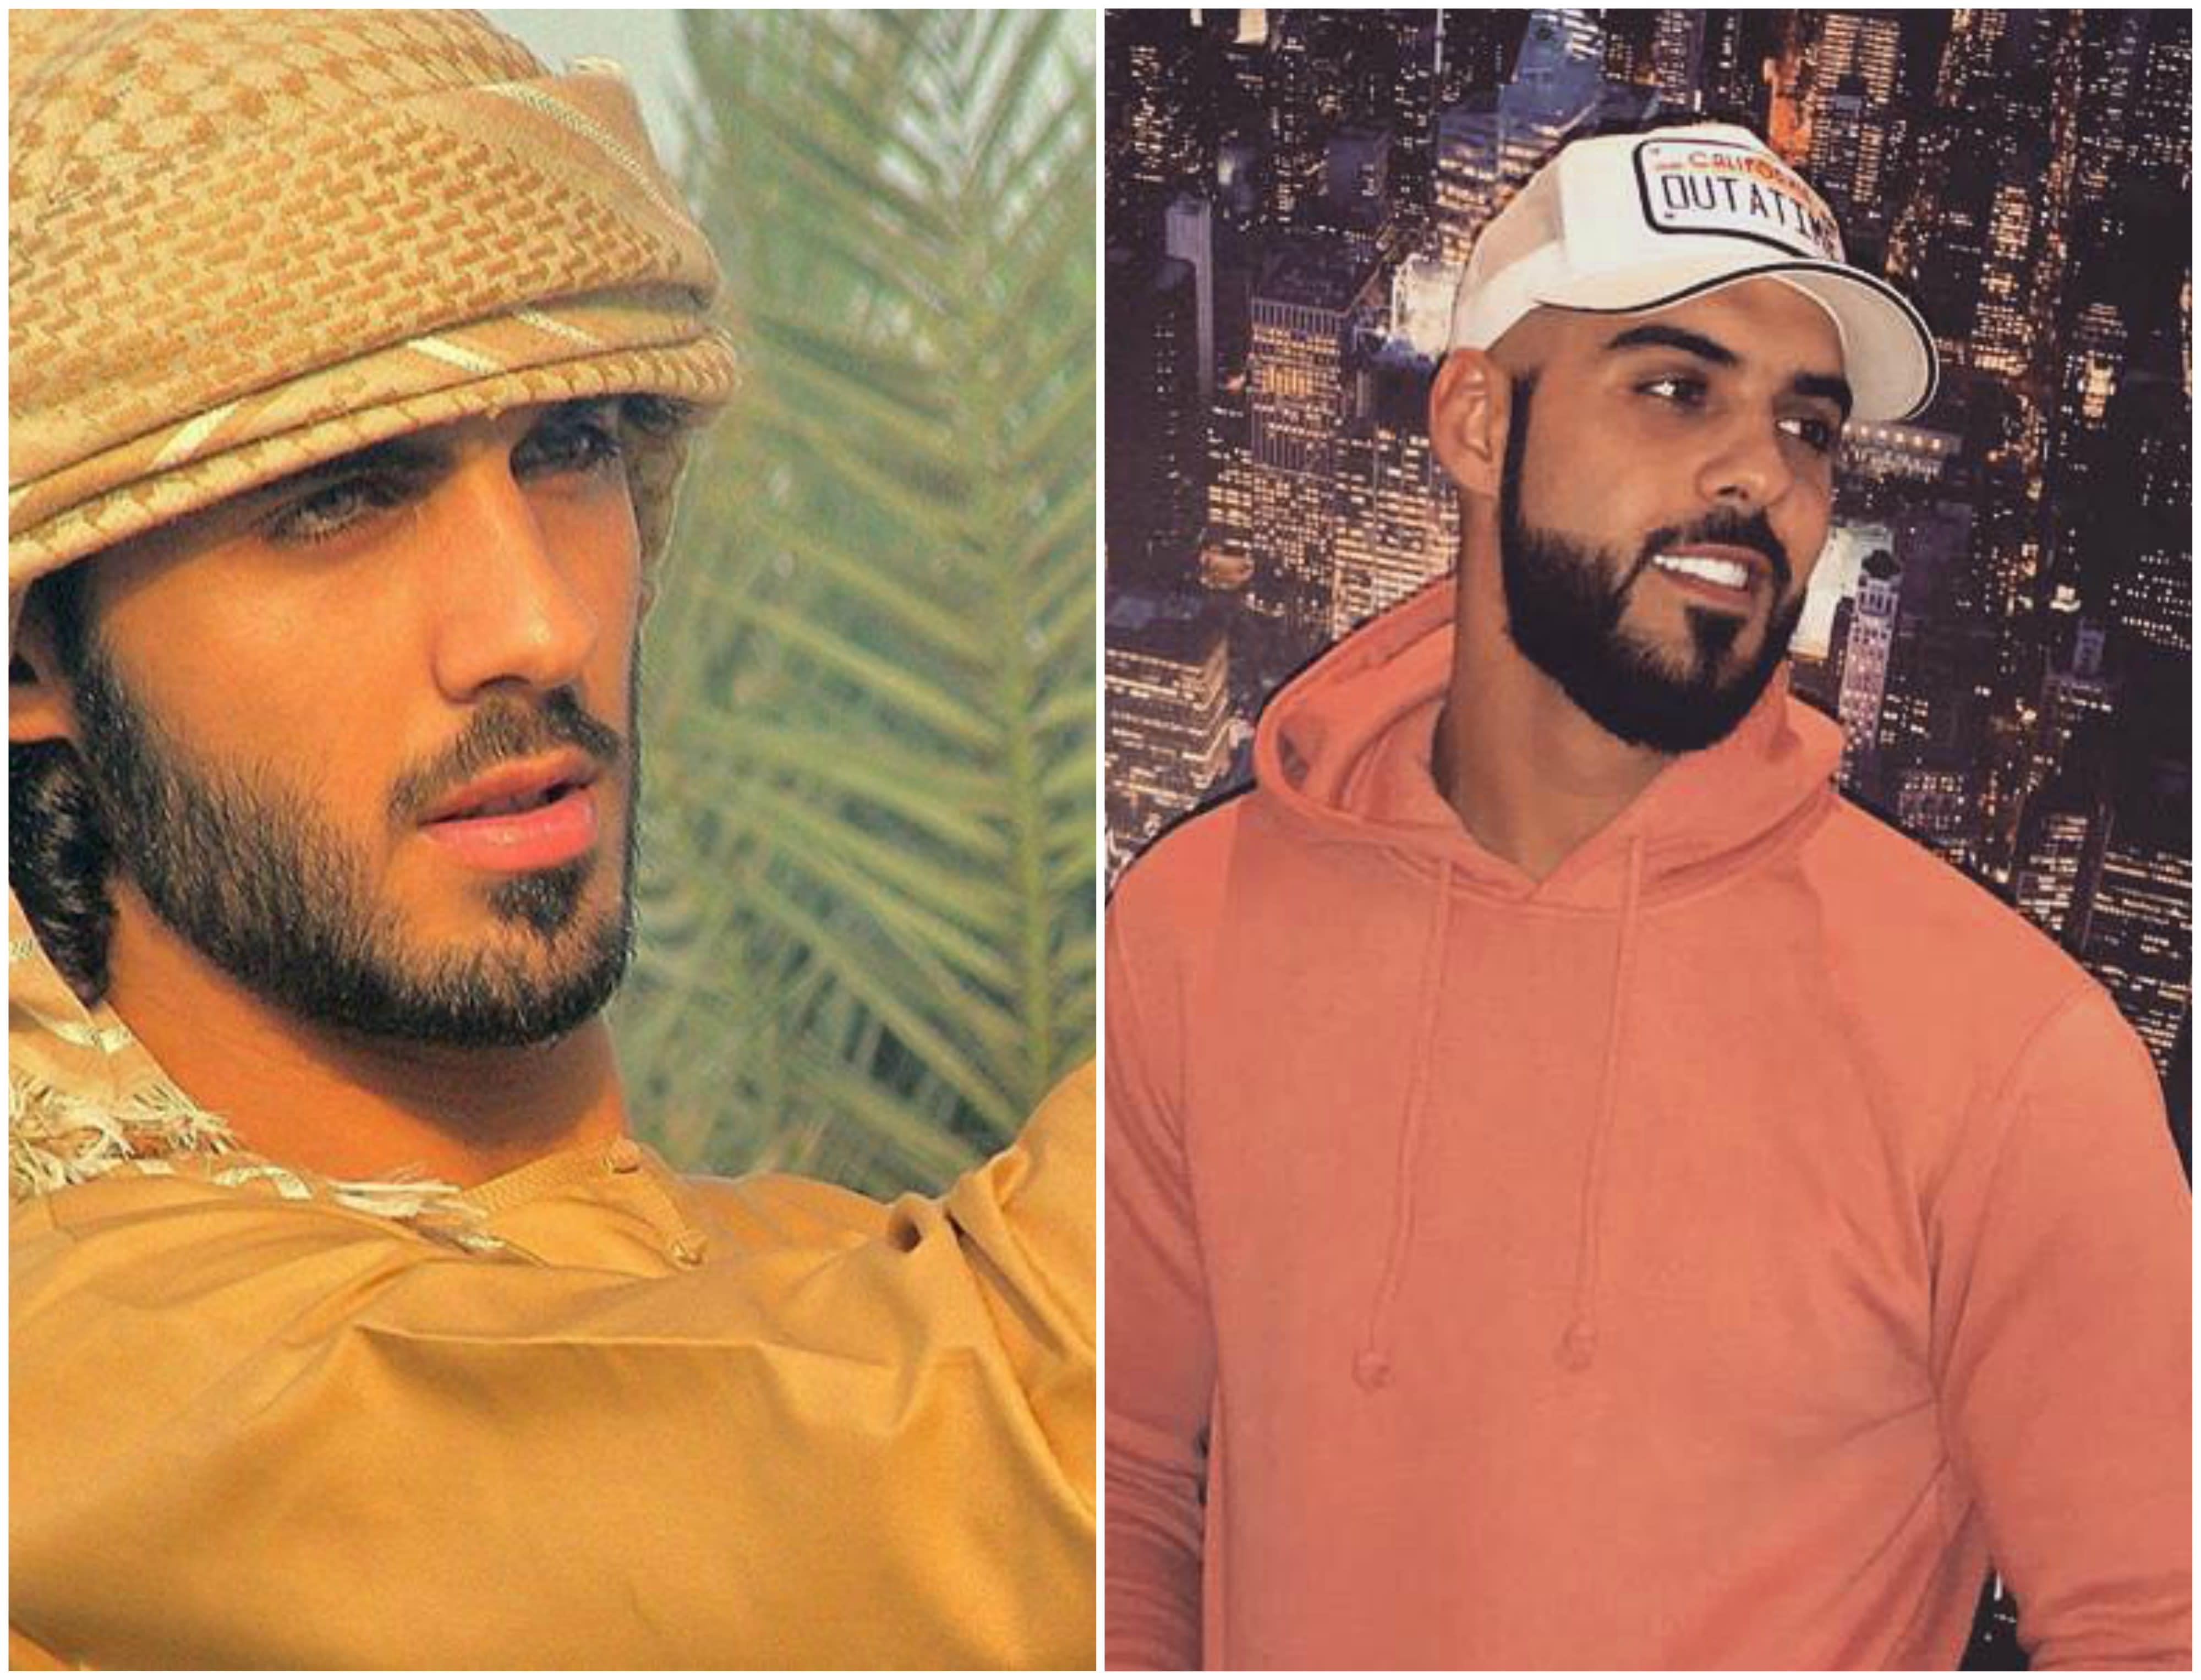 Omar Borkan El Hombre Más Guapo Del Mundo Se Muestra: Así Luce Ahora Omar Borkan, El Hombre Expulsado De Arabia